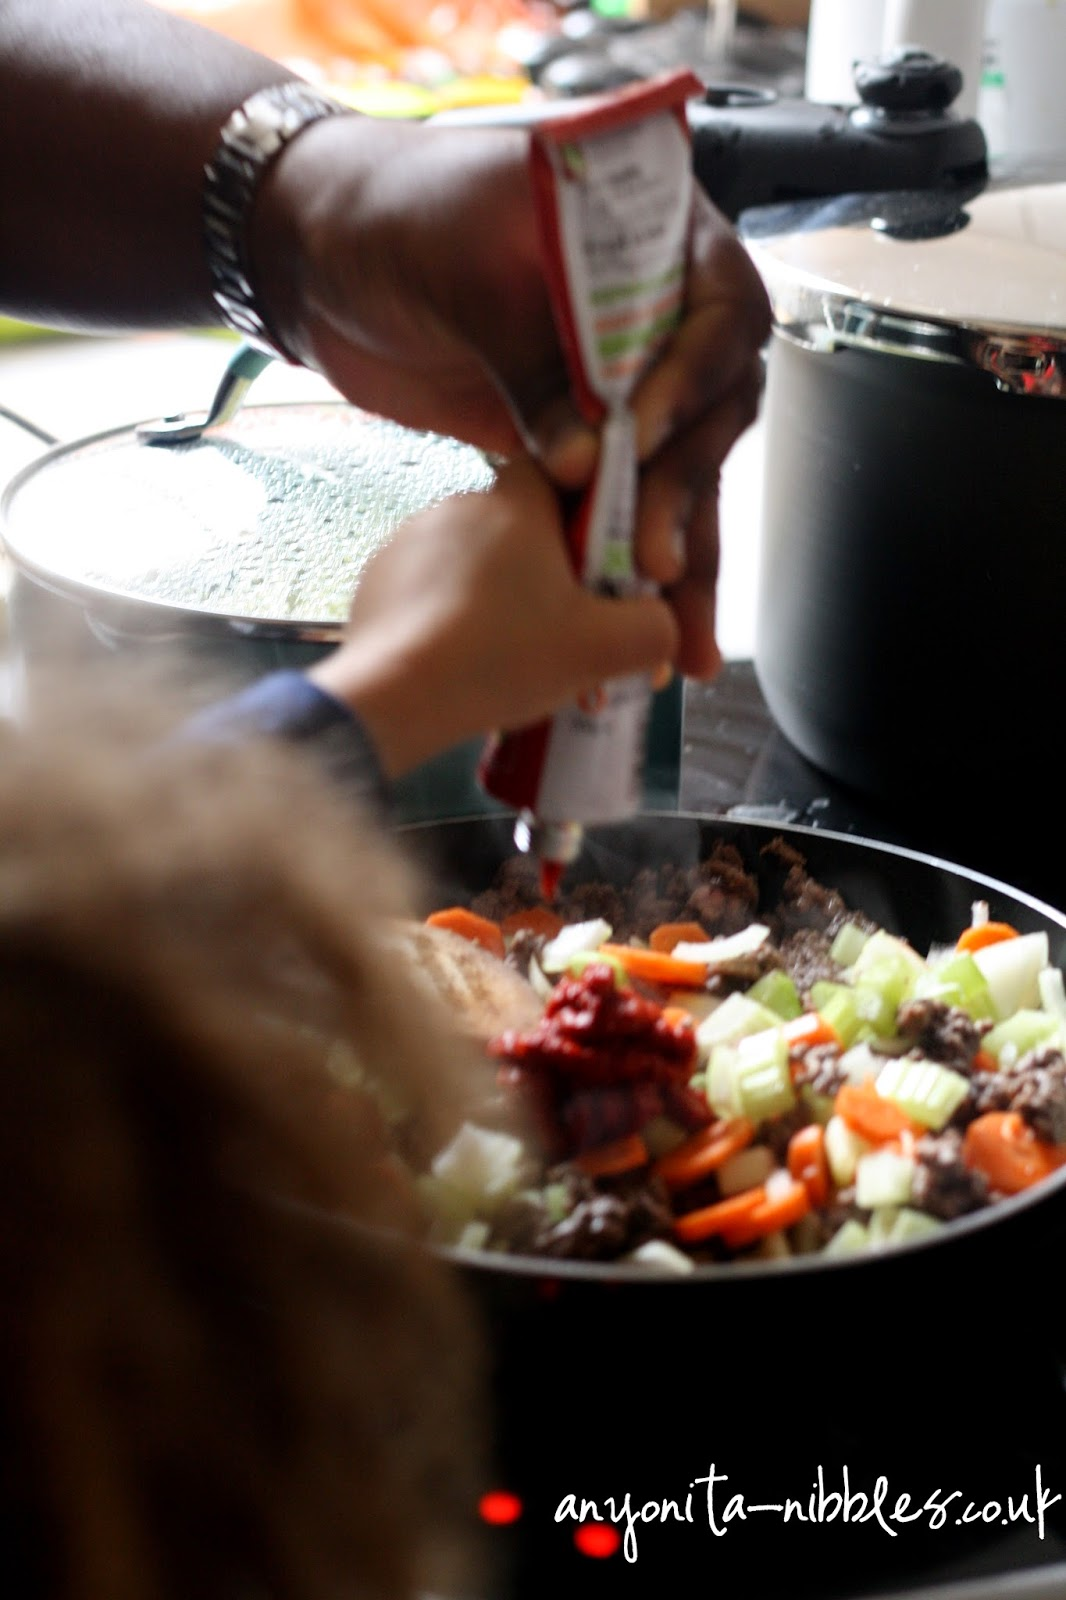 Tomato paste into cottage pie anyonita-nibbles.co.uk